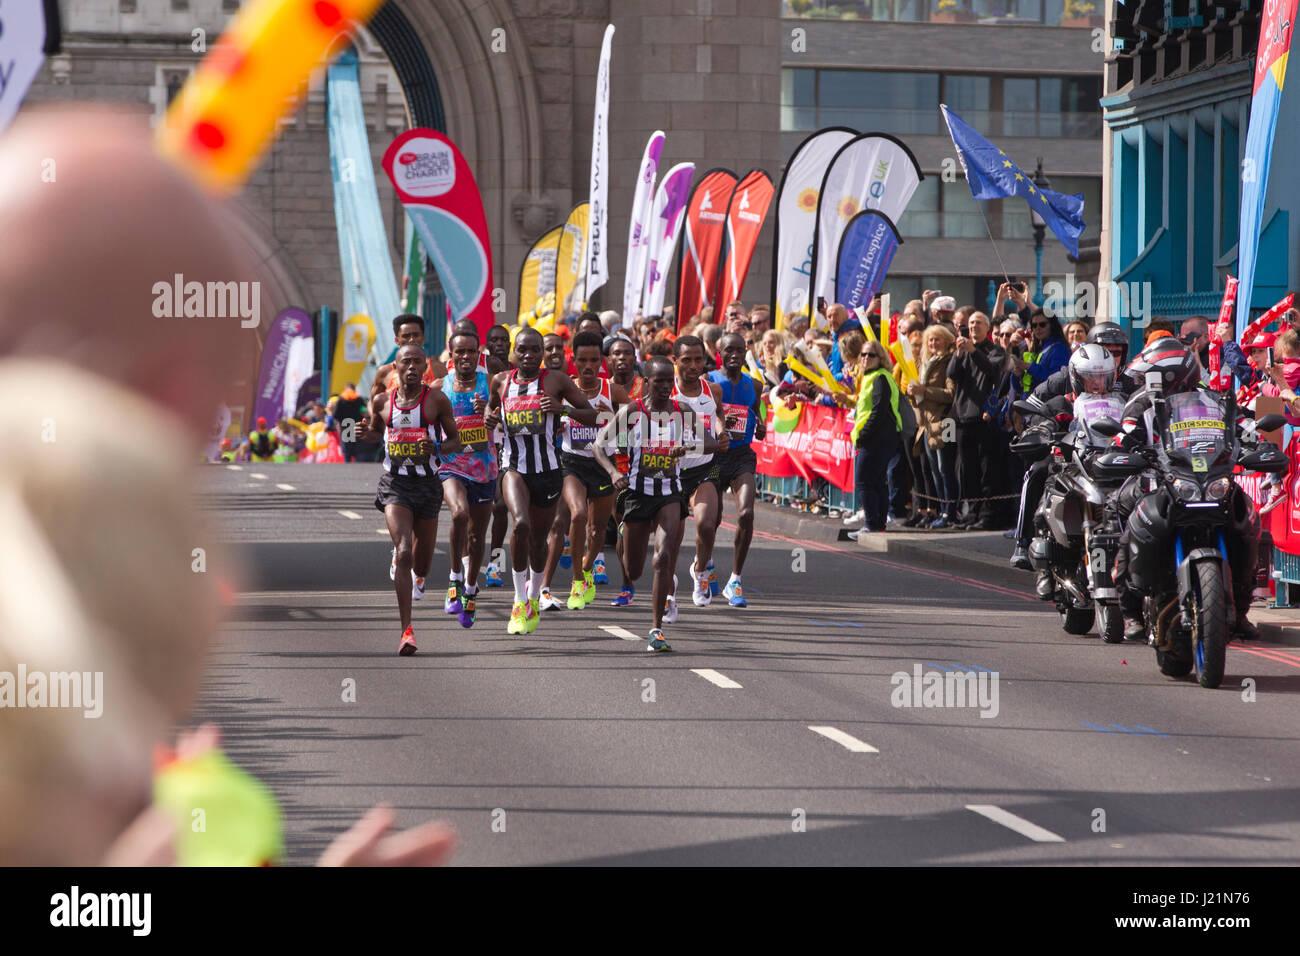 Londra, Regno Unito. 23 Aprile, 2017. Maratona di Londra 2017. Oggi si calcola che circa 50.000 corridori hanno Immagini Stock